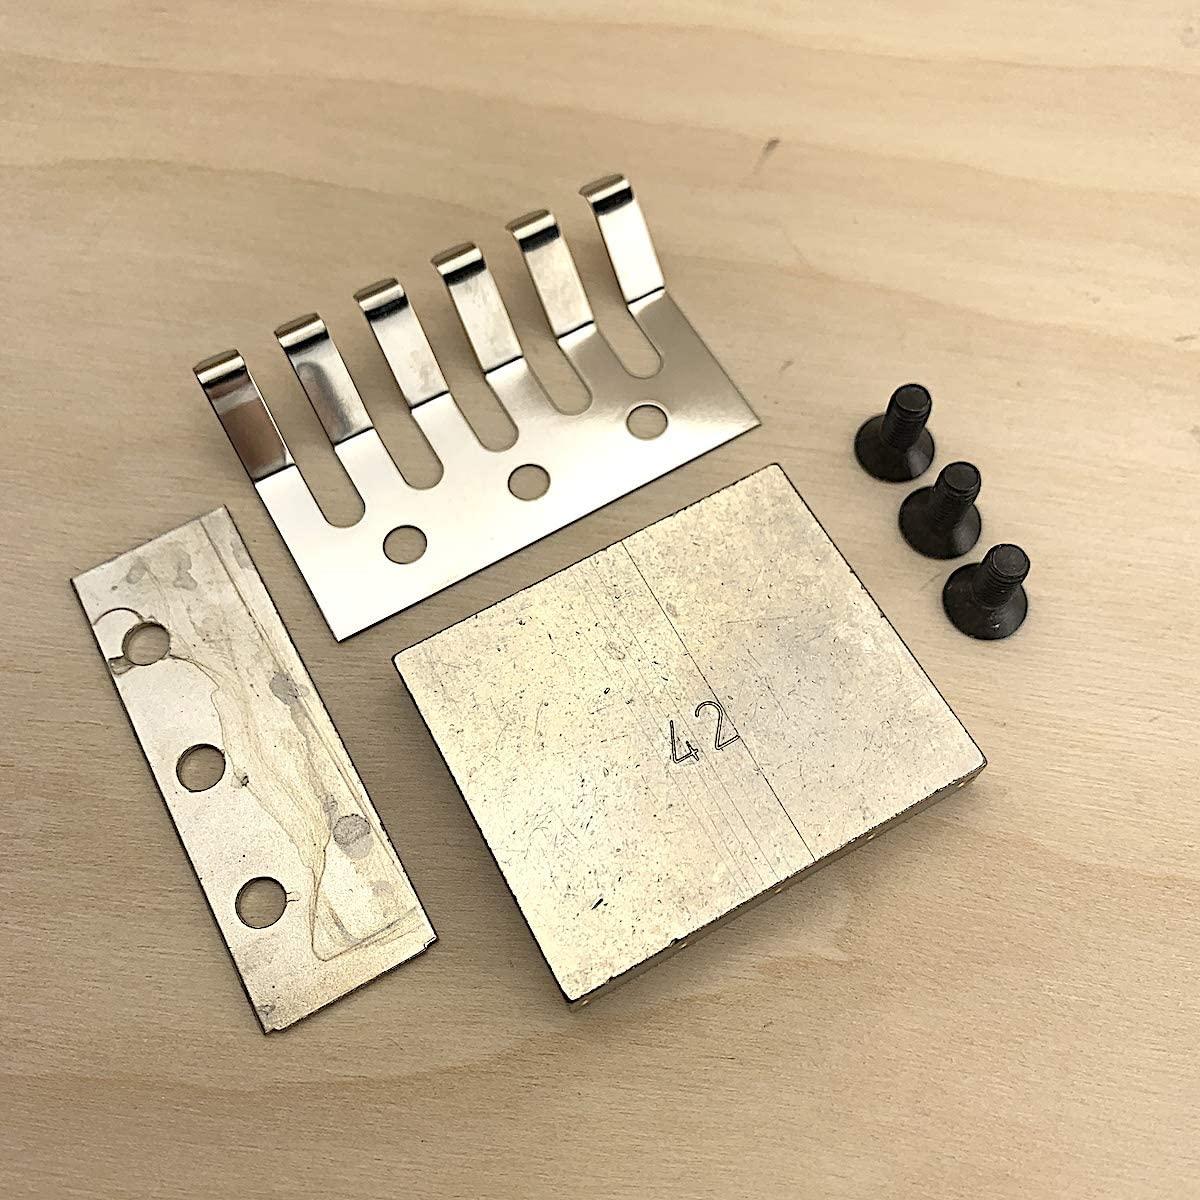 Tremolo Block For Tremolo LockMeister and Schaller Tremolo 42 mm - Nickel 20150142